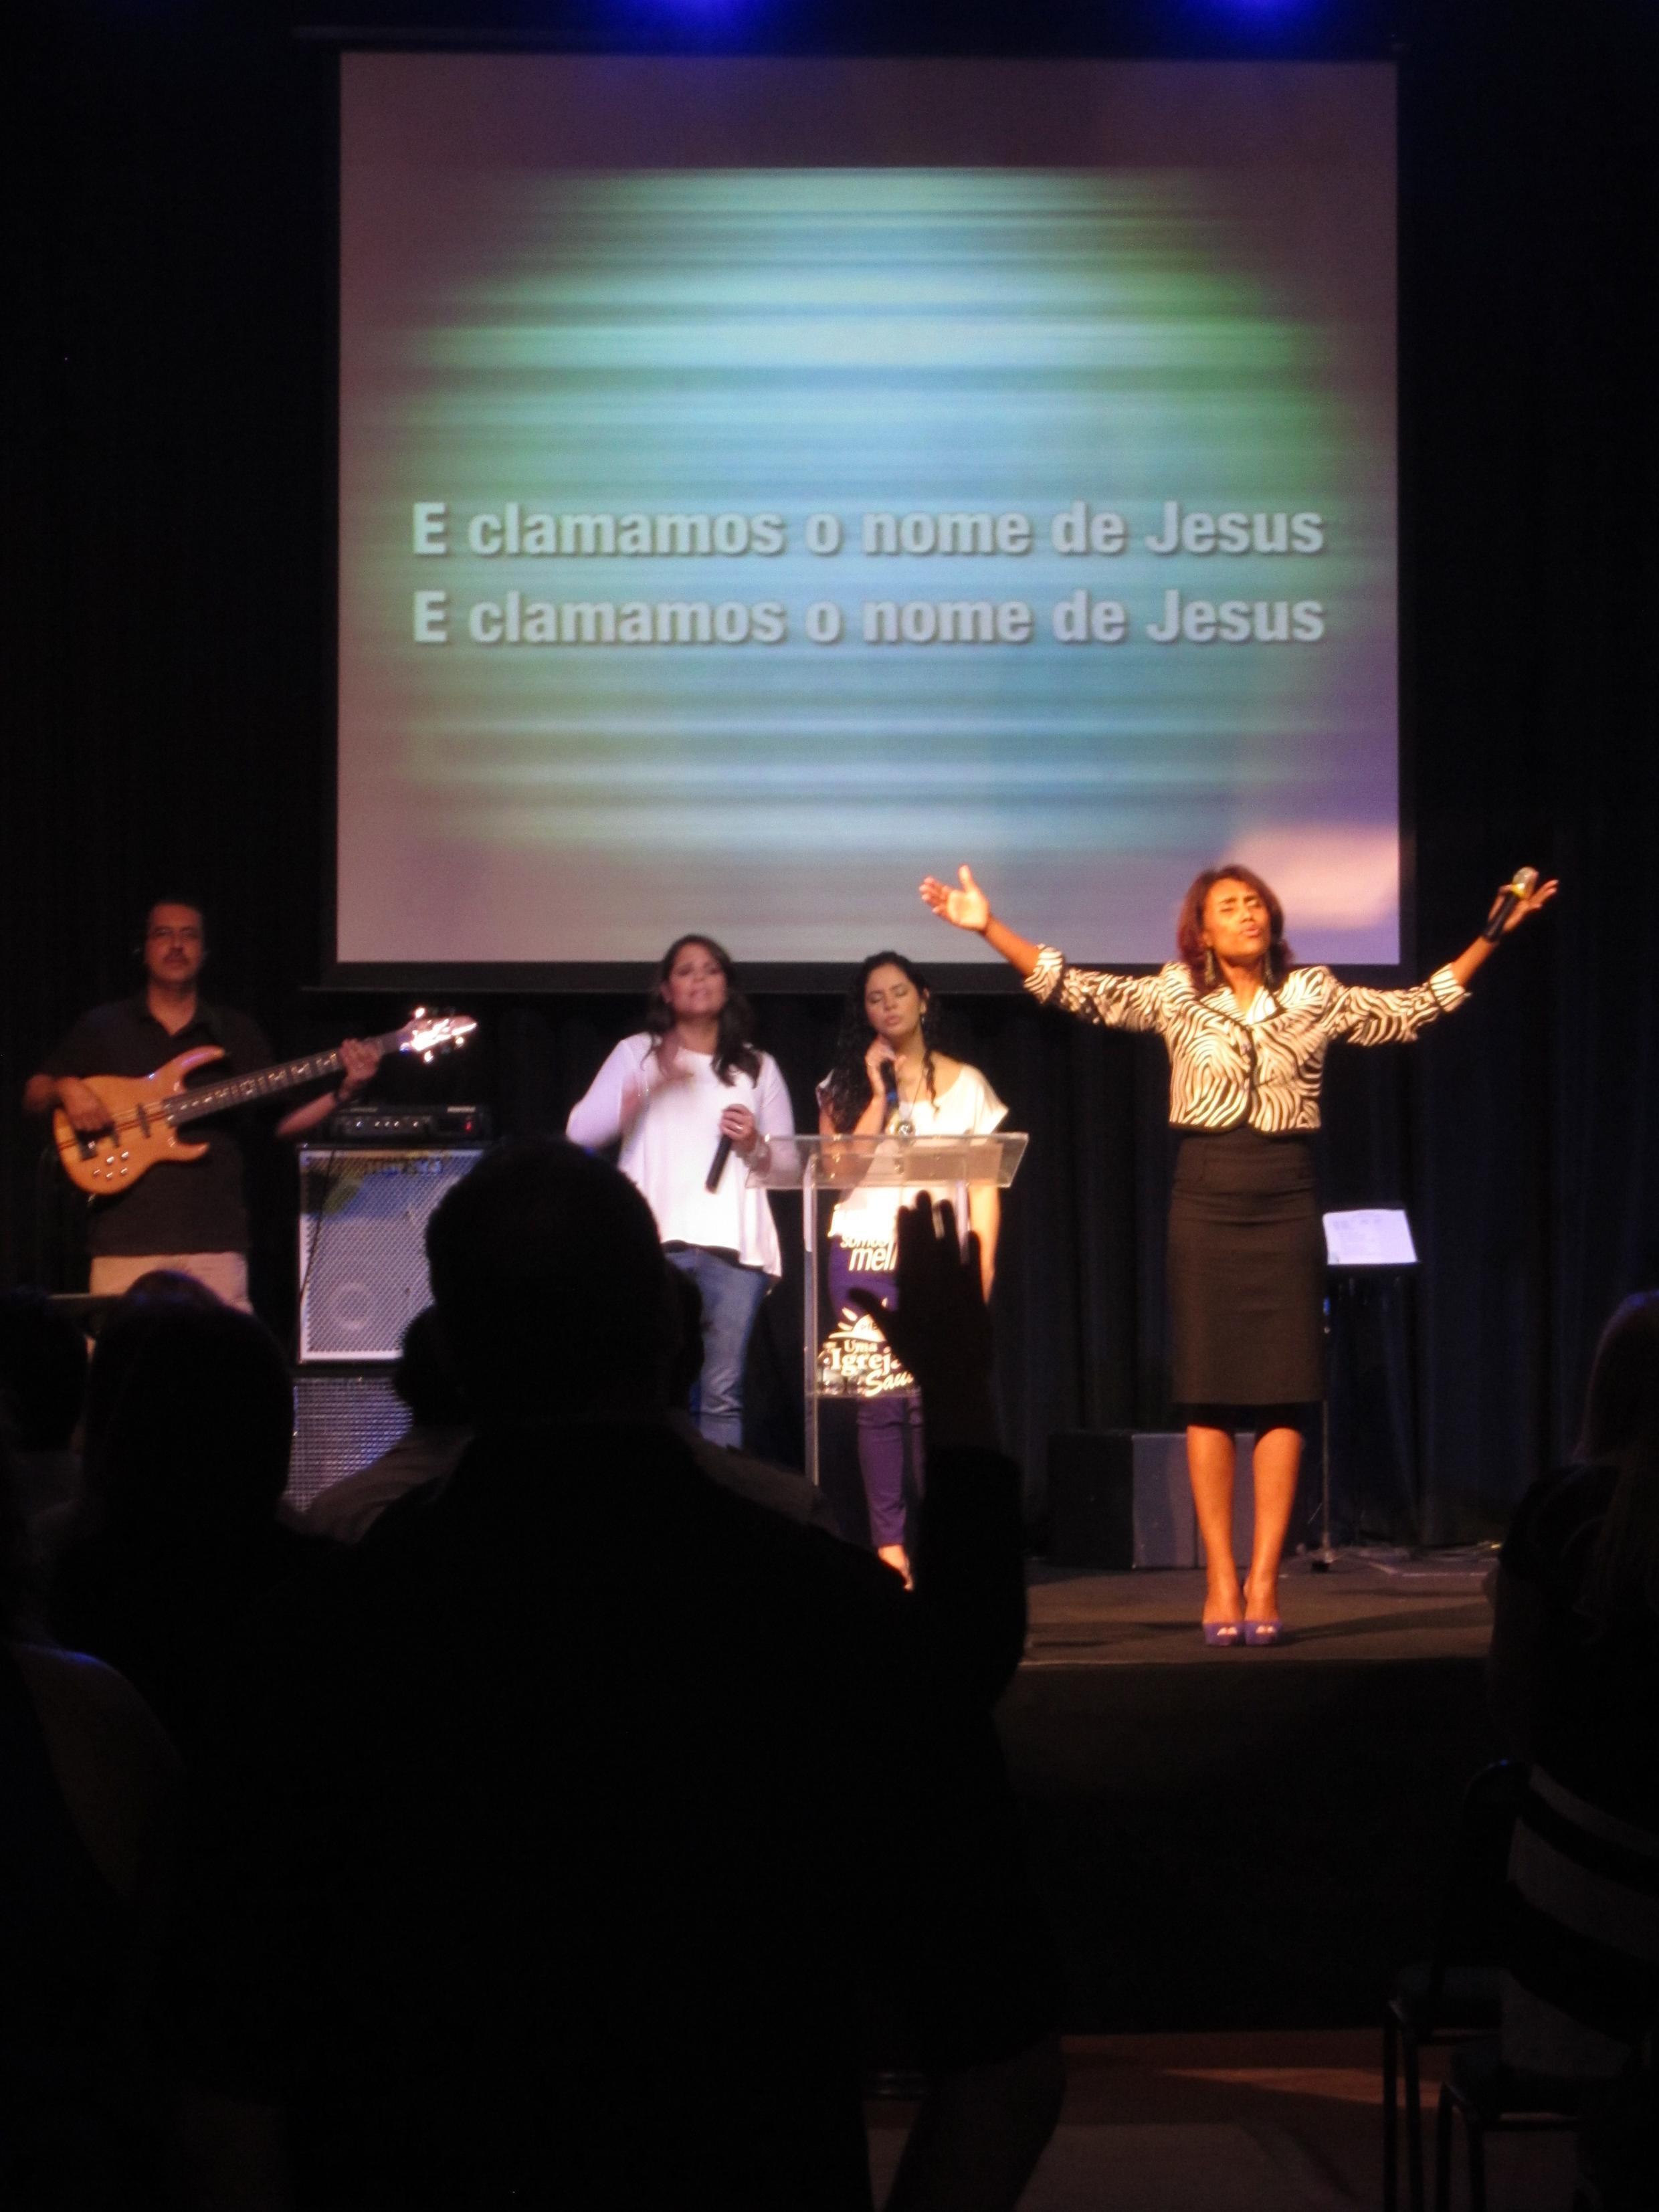 Igreja Batista brasileira recebe centenas de pessoas tem cerca de 2 mil membros em Pompano Beach, na Flórida.